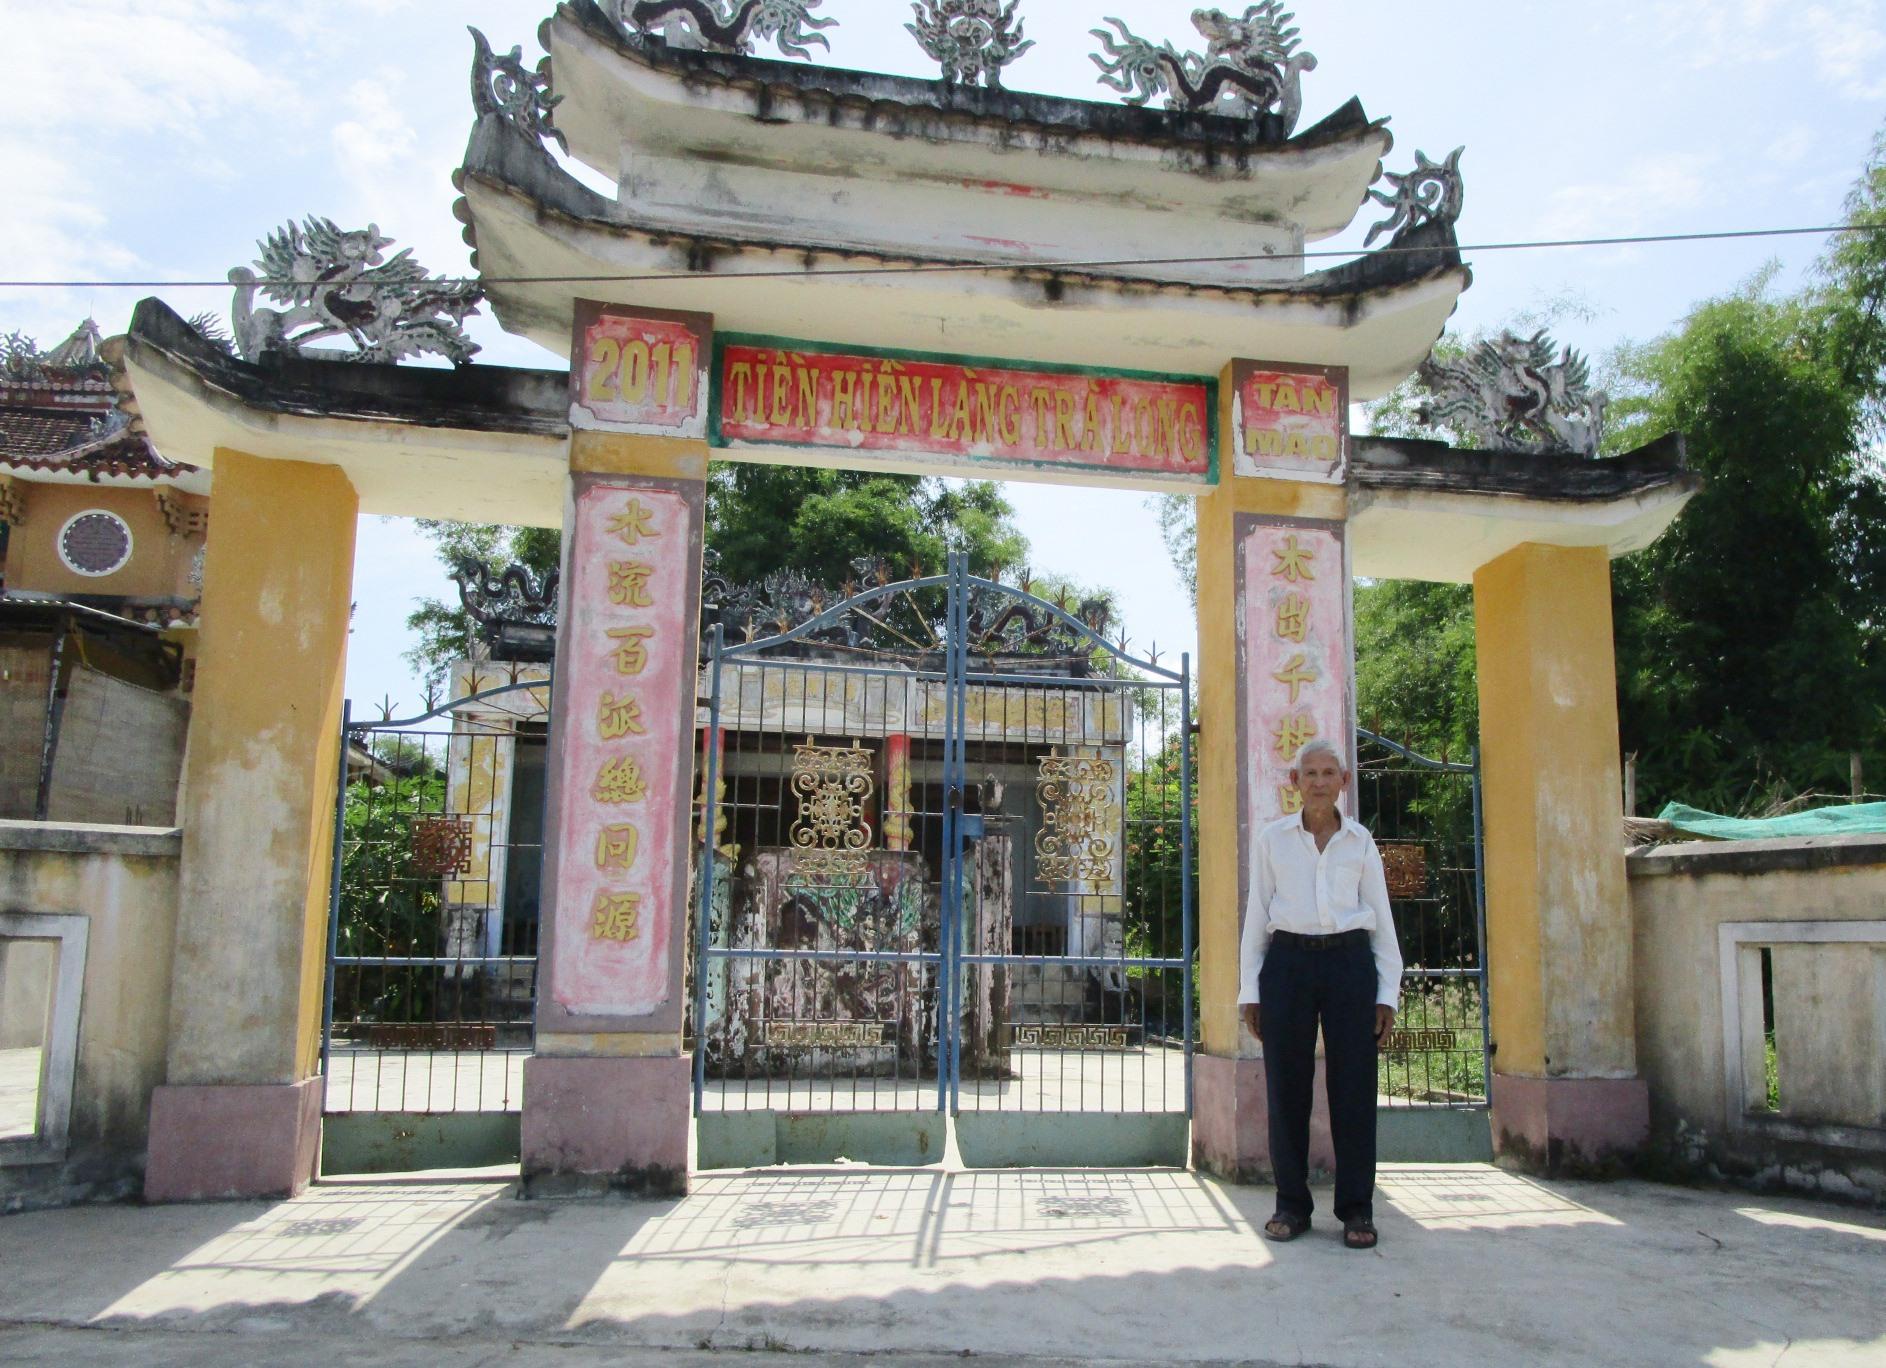 Nhà thờ tiền hiền làng Trà Long. Ảnh: PHÚ BÌNH